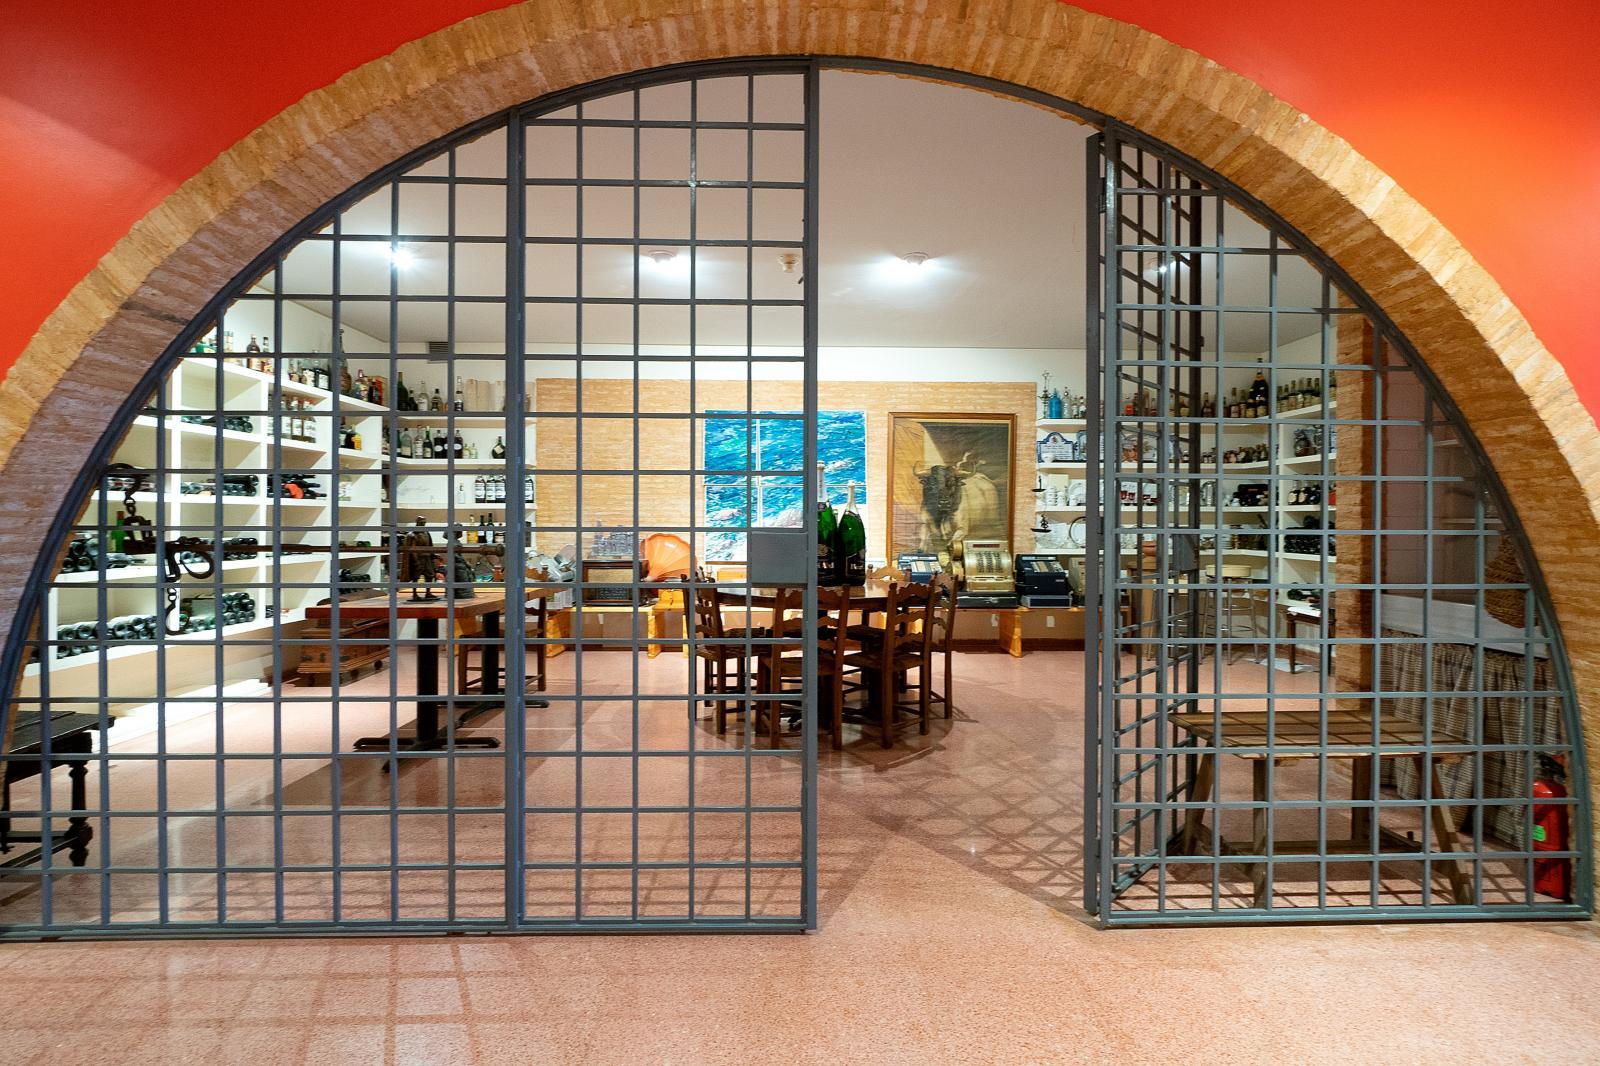 64977240 3223954 foto127967724 - Lujo, diseño y funcionalidad en esta villa en Campoamor (Alicante)